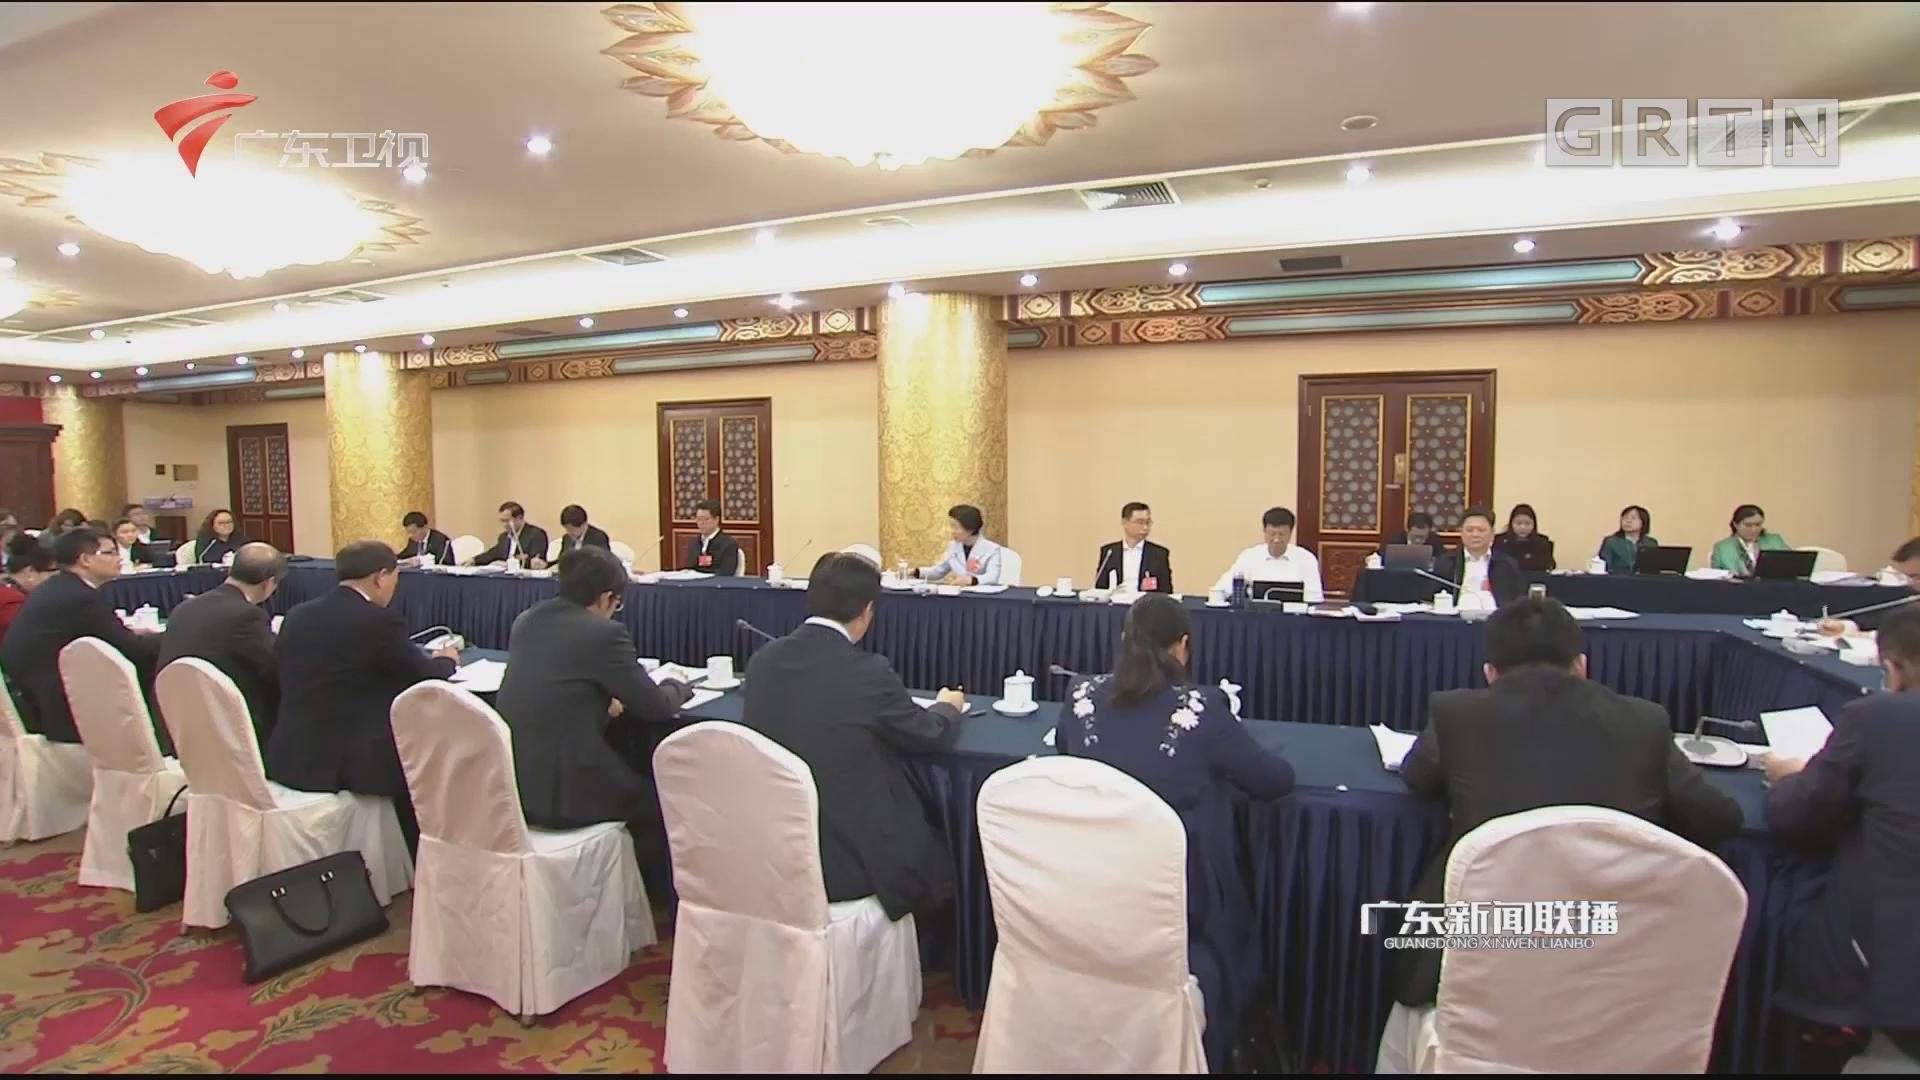 广东团分组审议宪法修正案草案 李玉妹参加审议